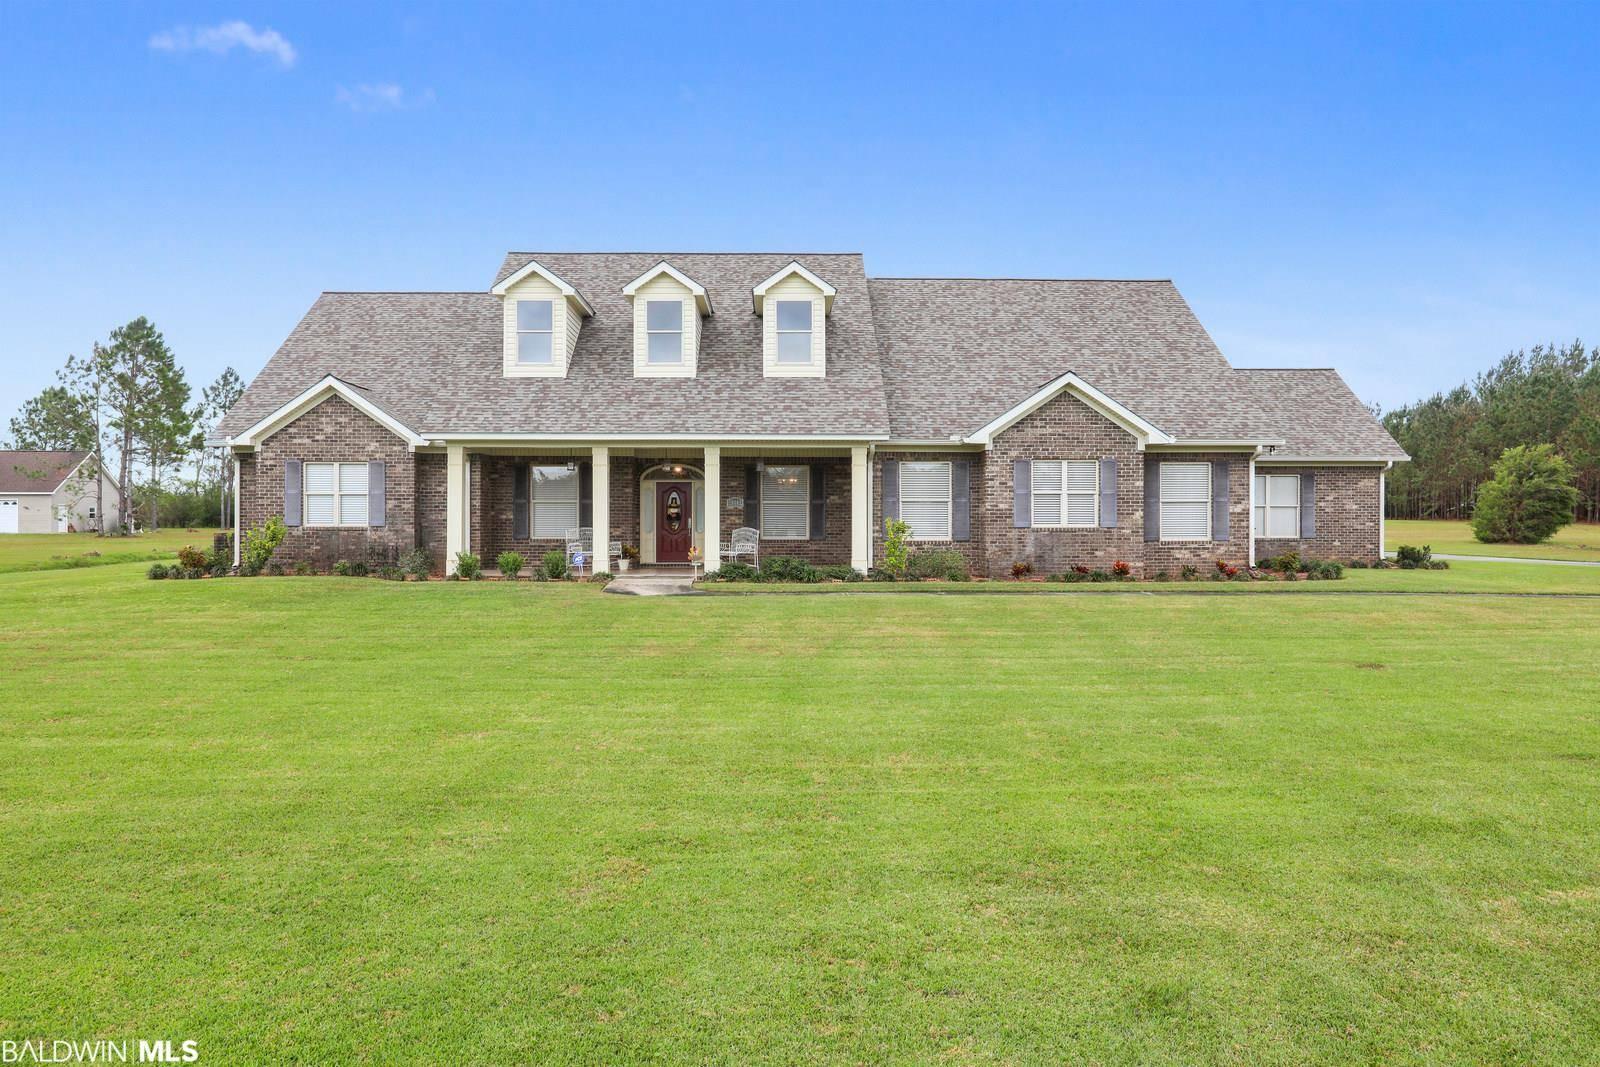 Homes for sale - 26082 Chatelaine Road, Elberta, AL 36530 – MLS#306...